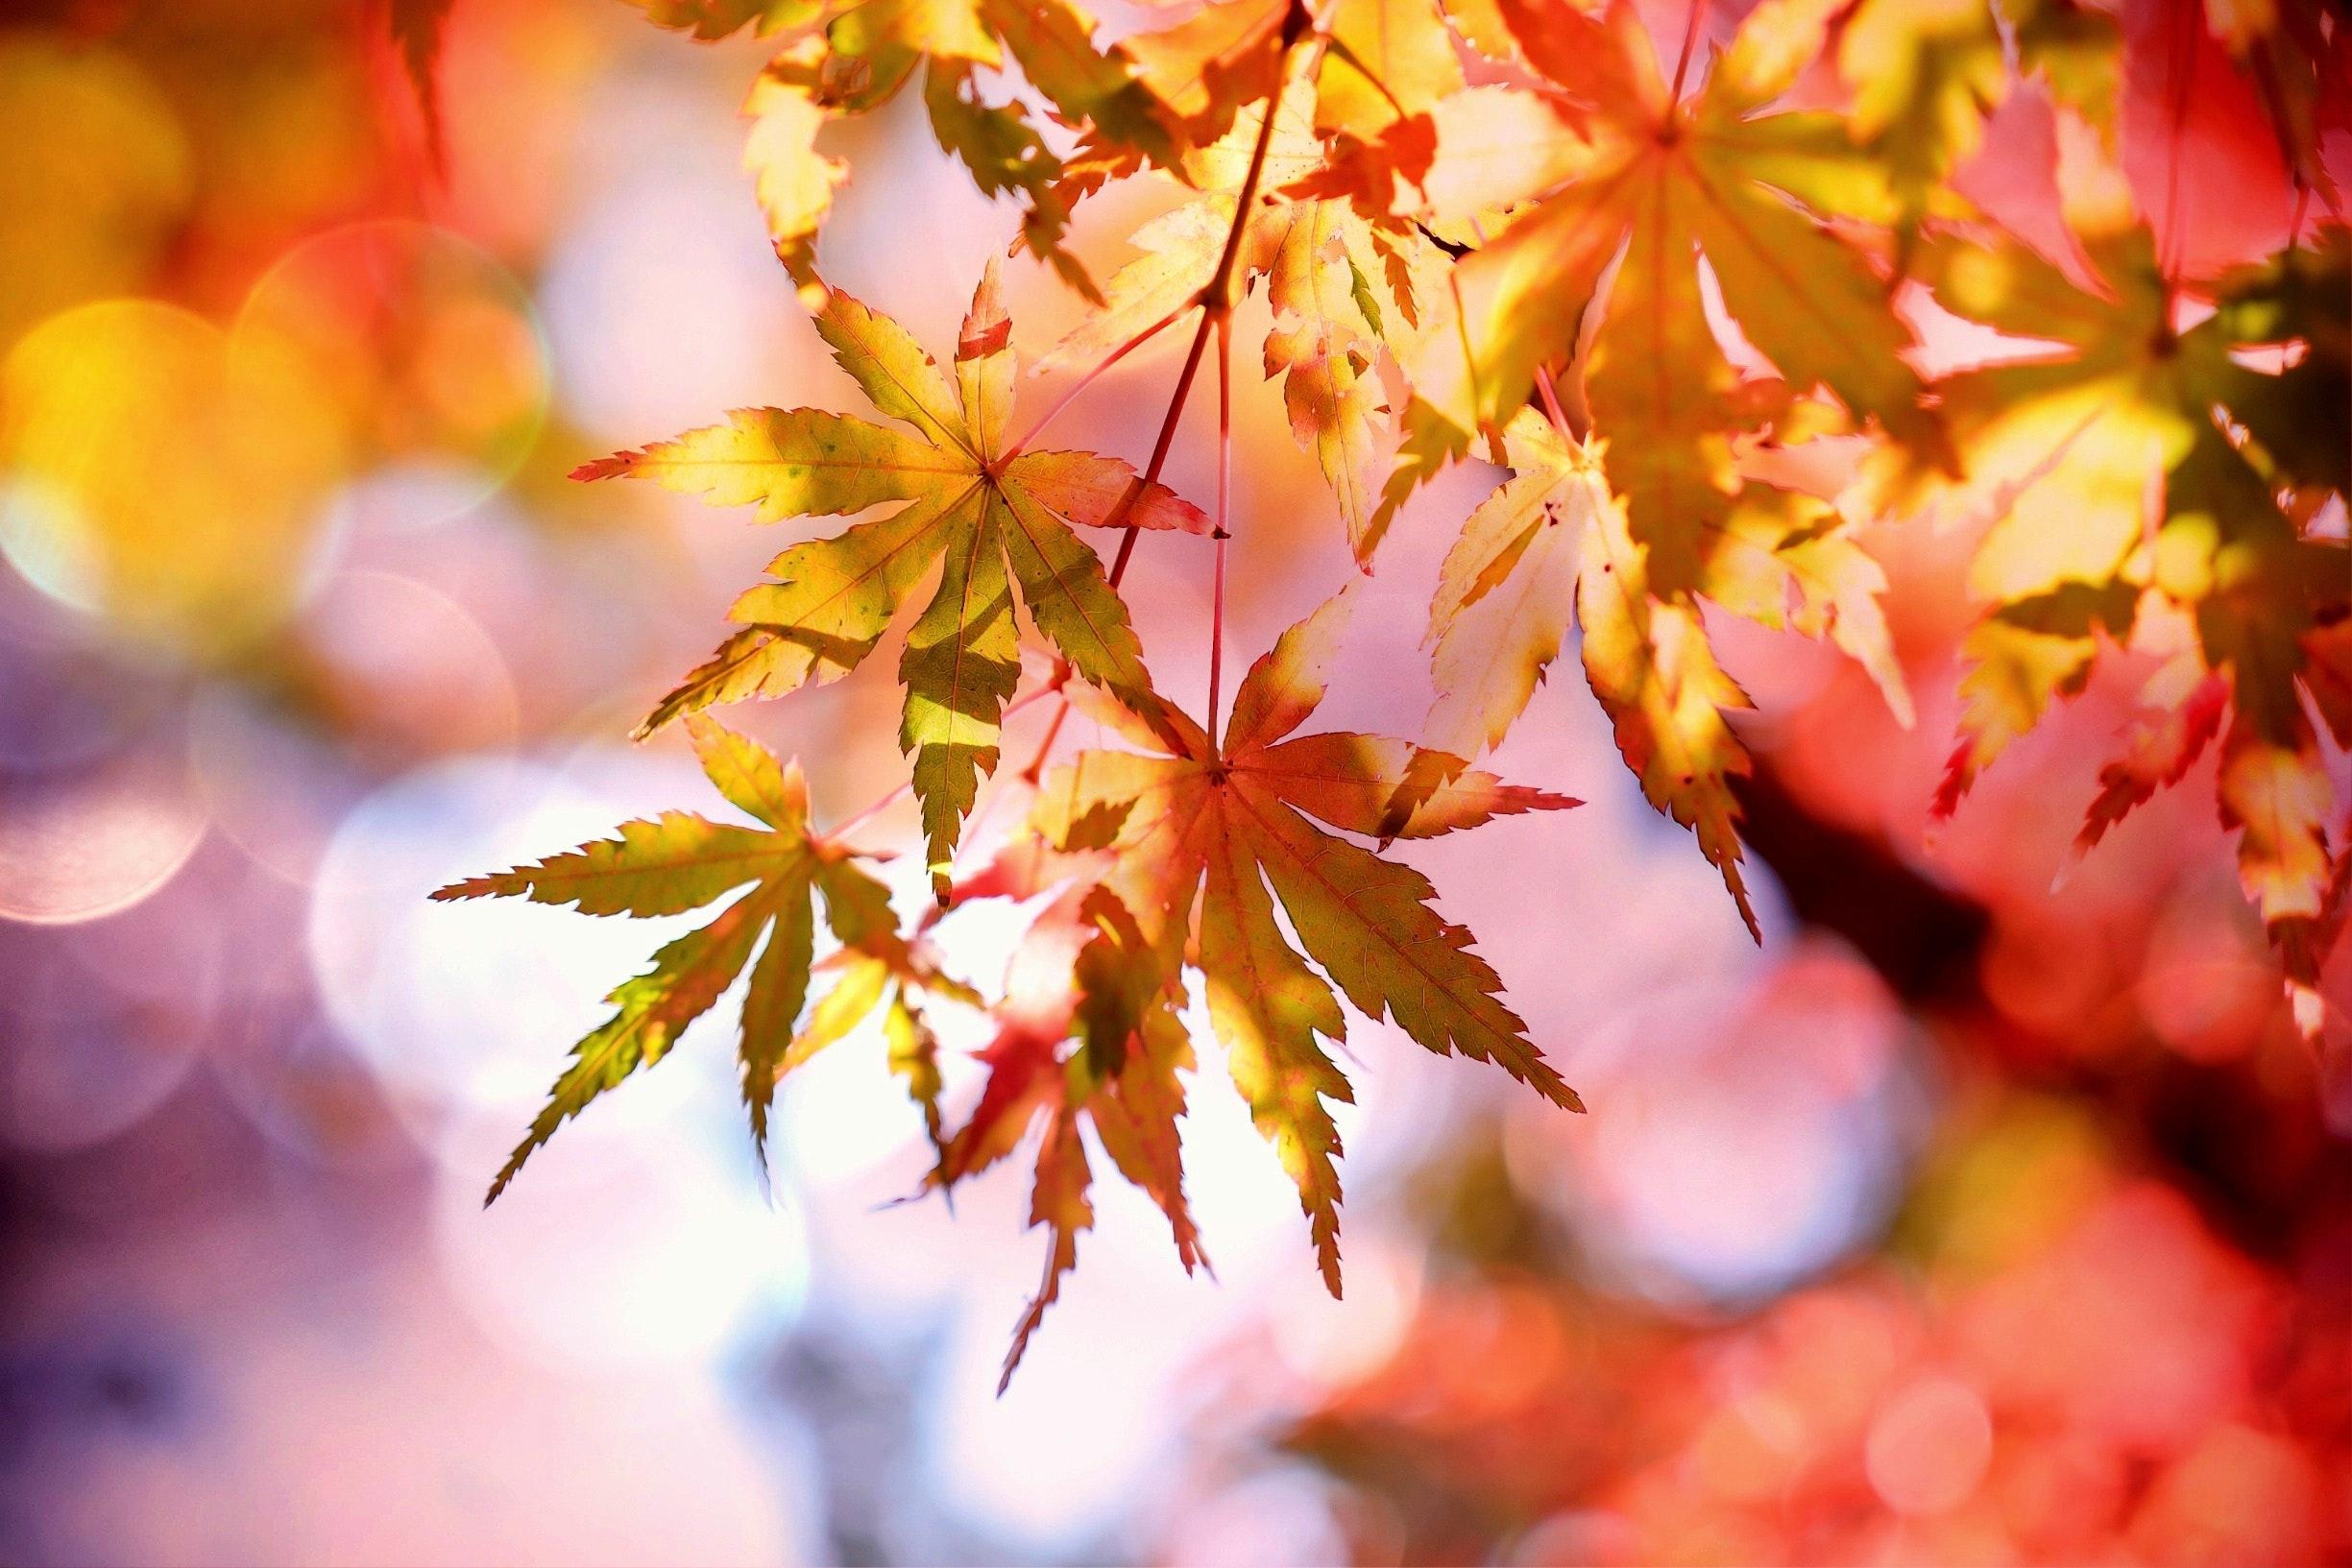 autumn-autumn-colours-autumn-leaves-355302.jpg